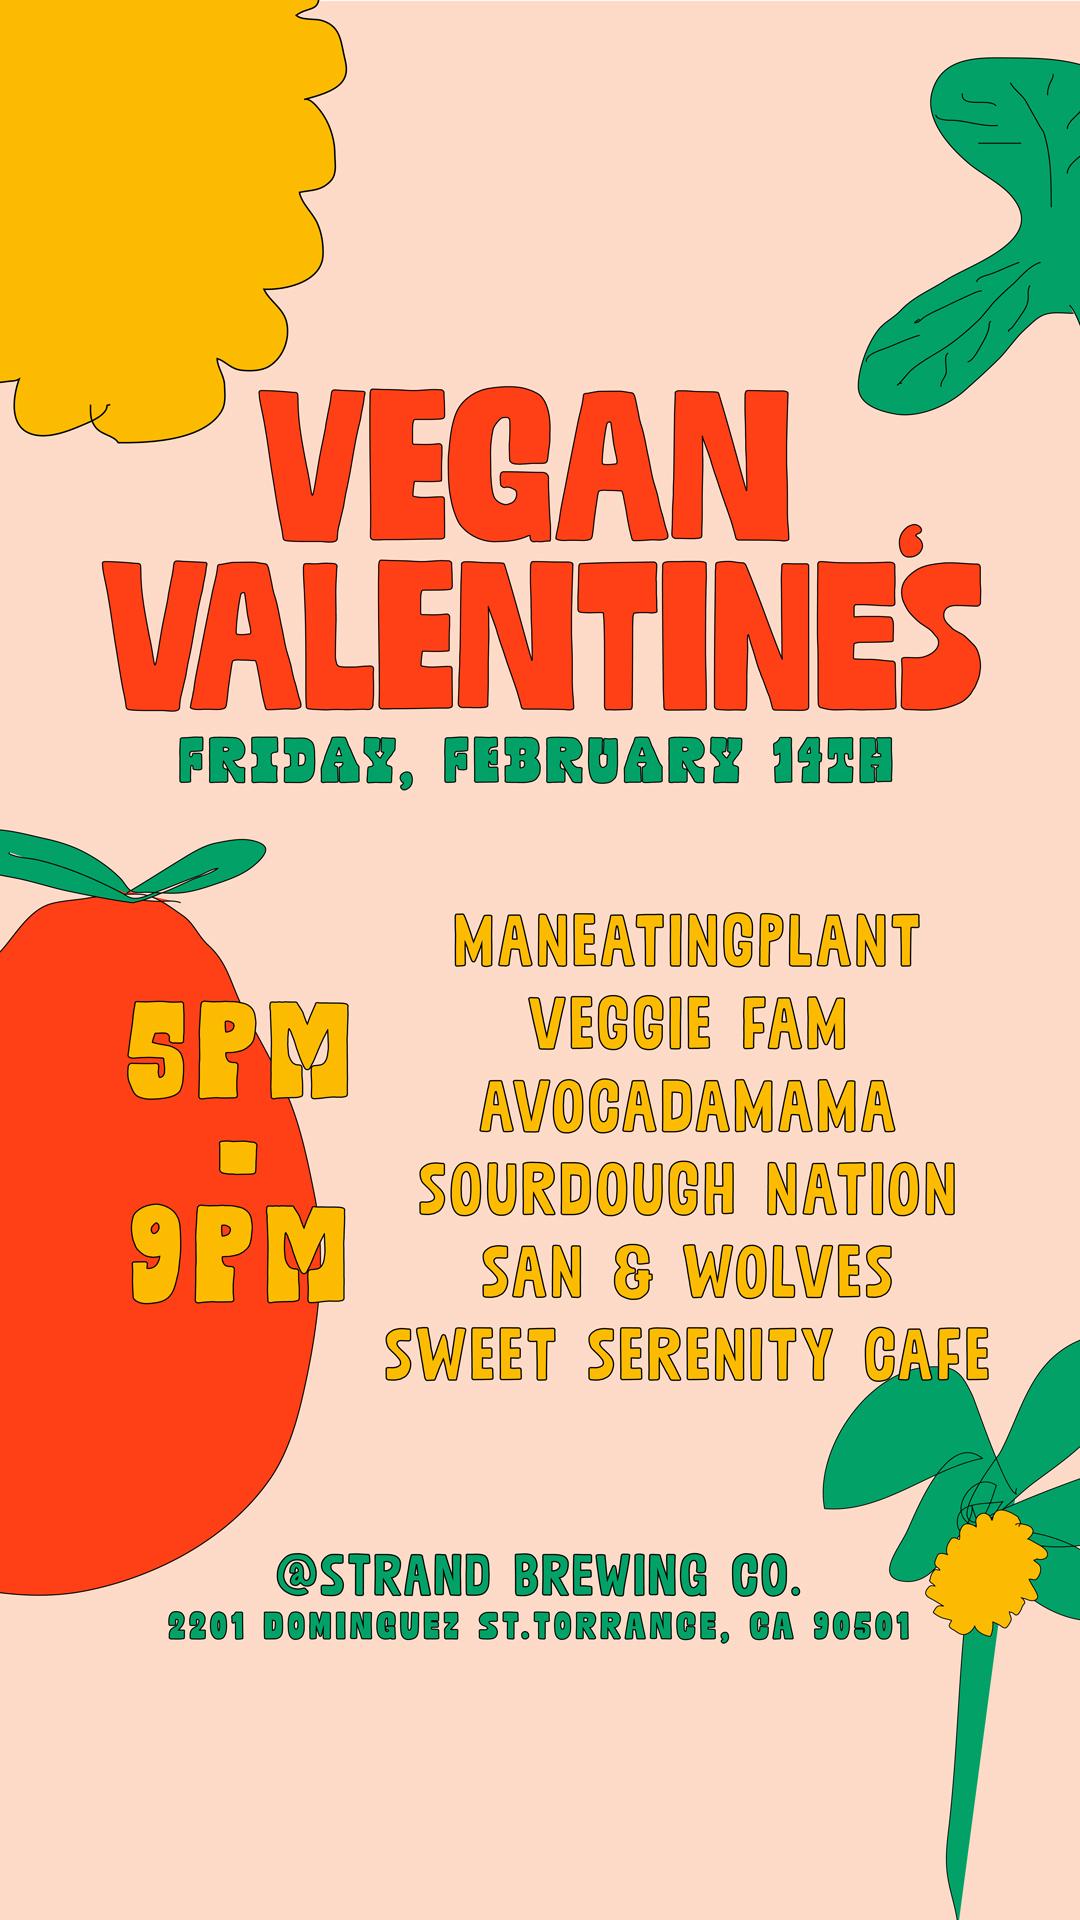 Vegan Valentines